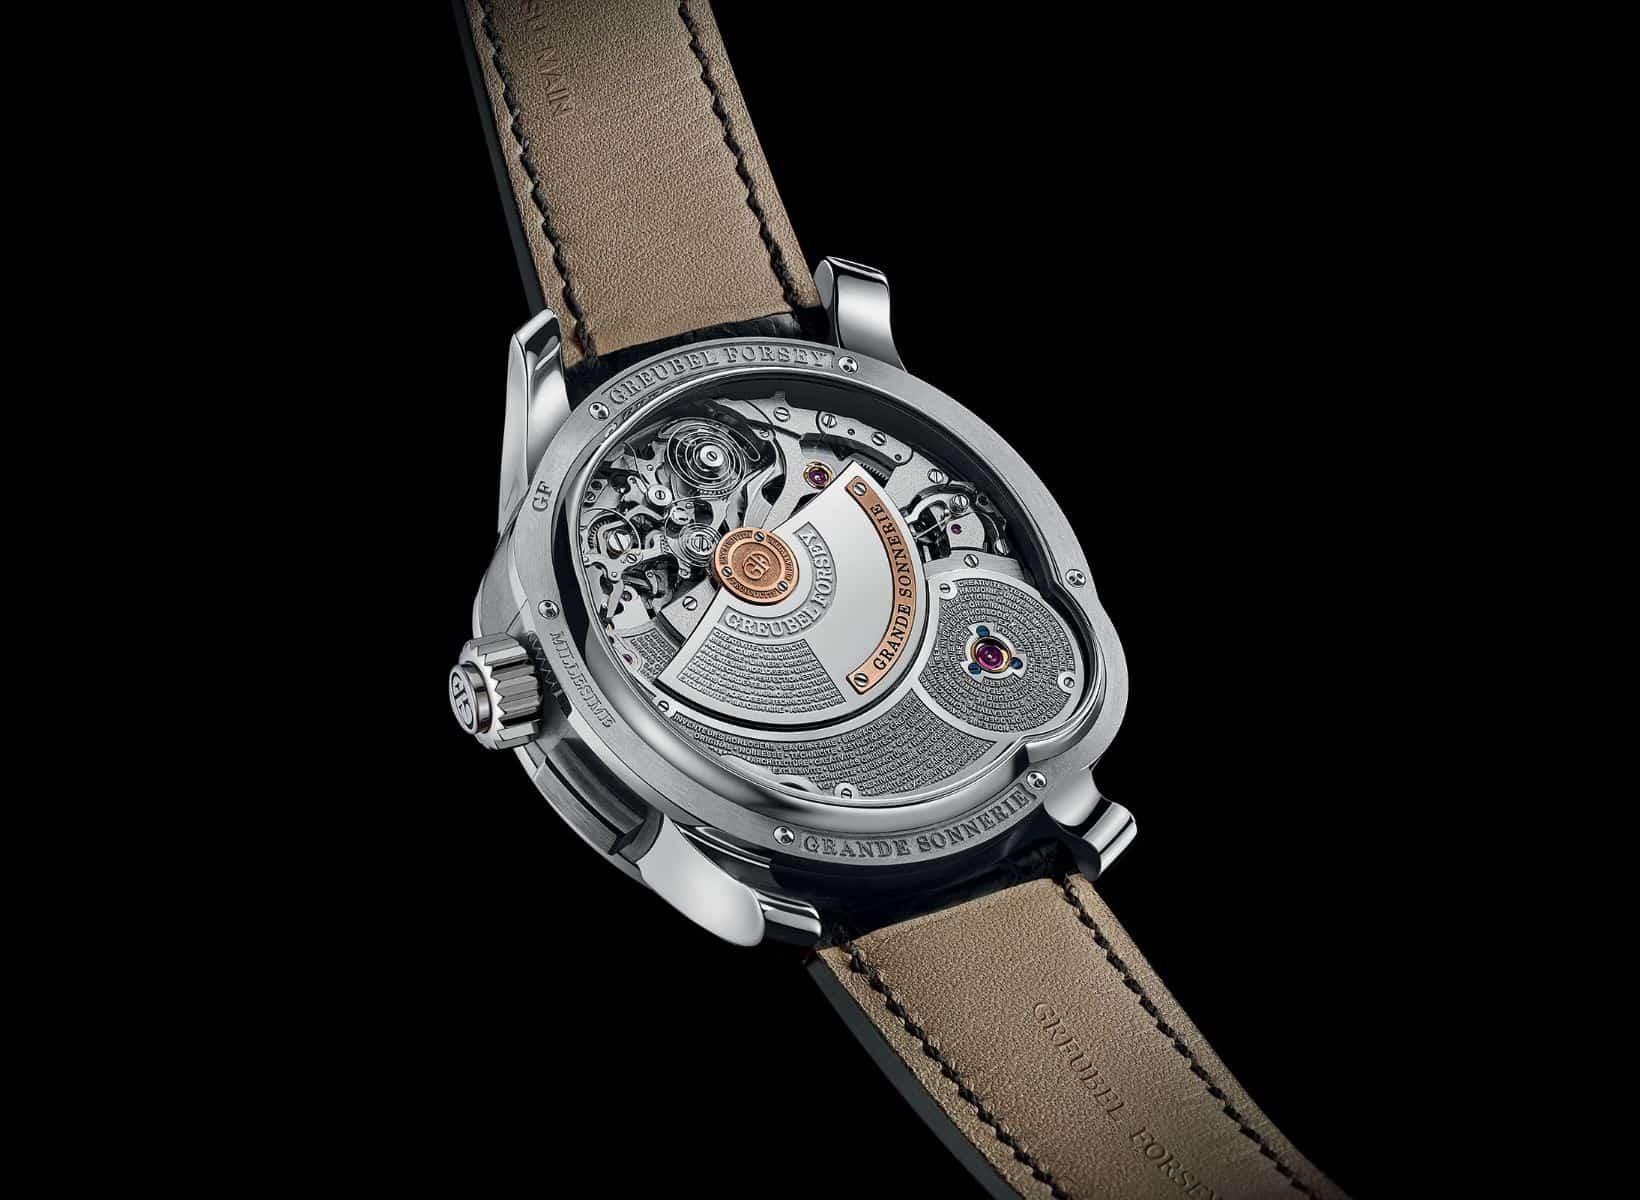 Diese Uhr trifft den richtigen Ton - in Sachen Technik, aber auch im wahrsten Sinne des Wortes: Greubel Forsey Grand Sonnerie